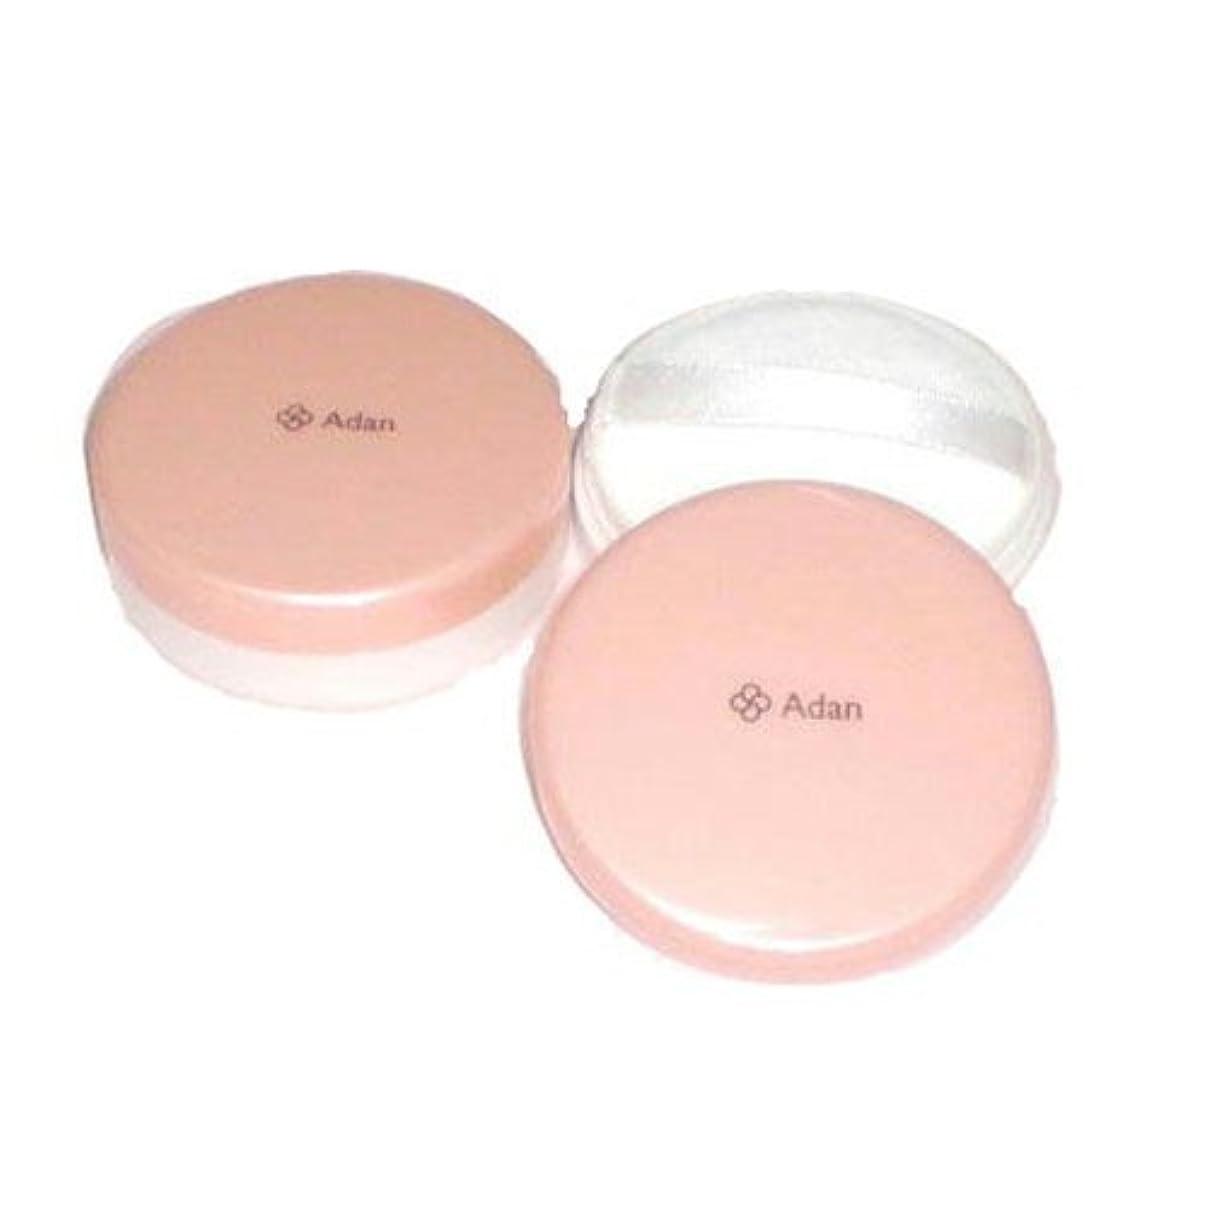 キルト酸化物ガラスAdan(アーダン) 初絹 シルクパウダー7g 2個セット